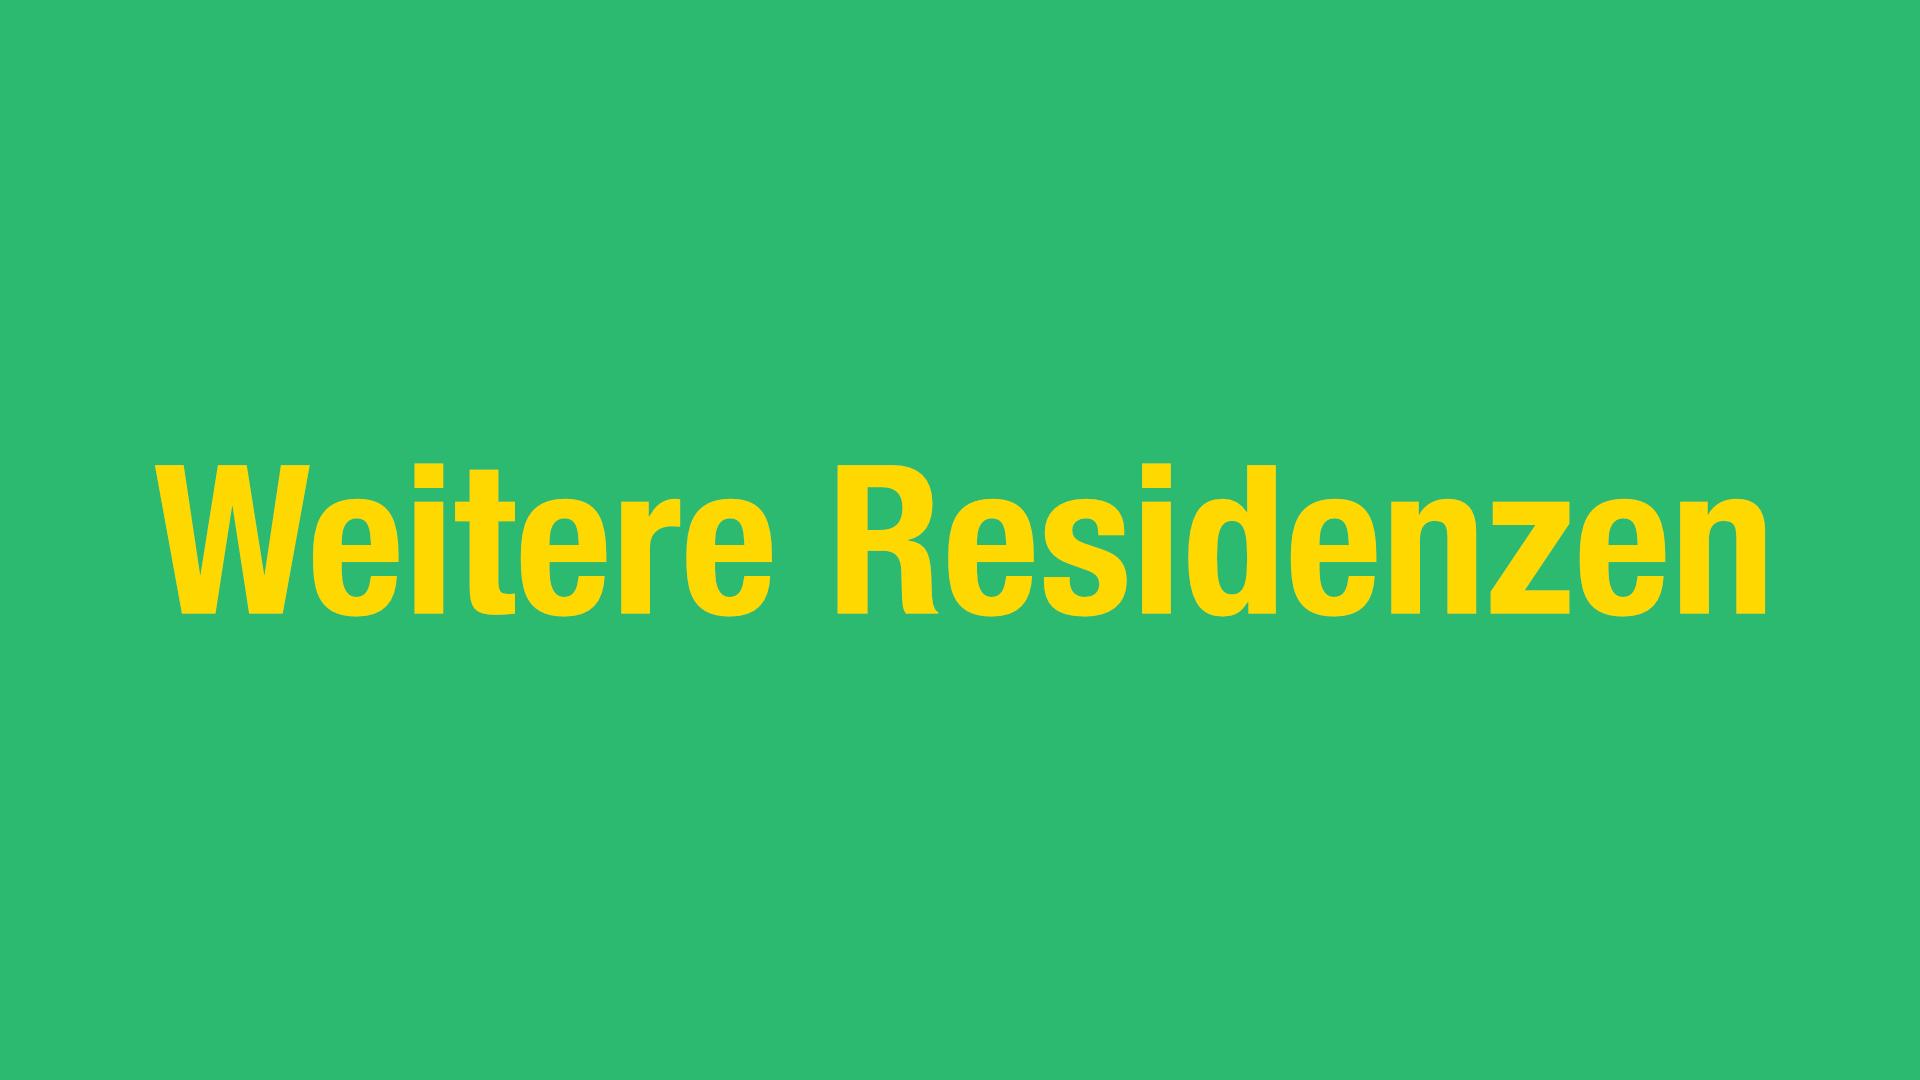 Weitere Residenzen